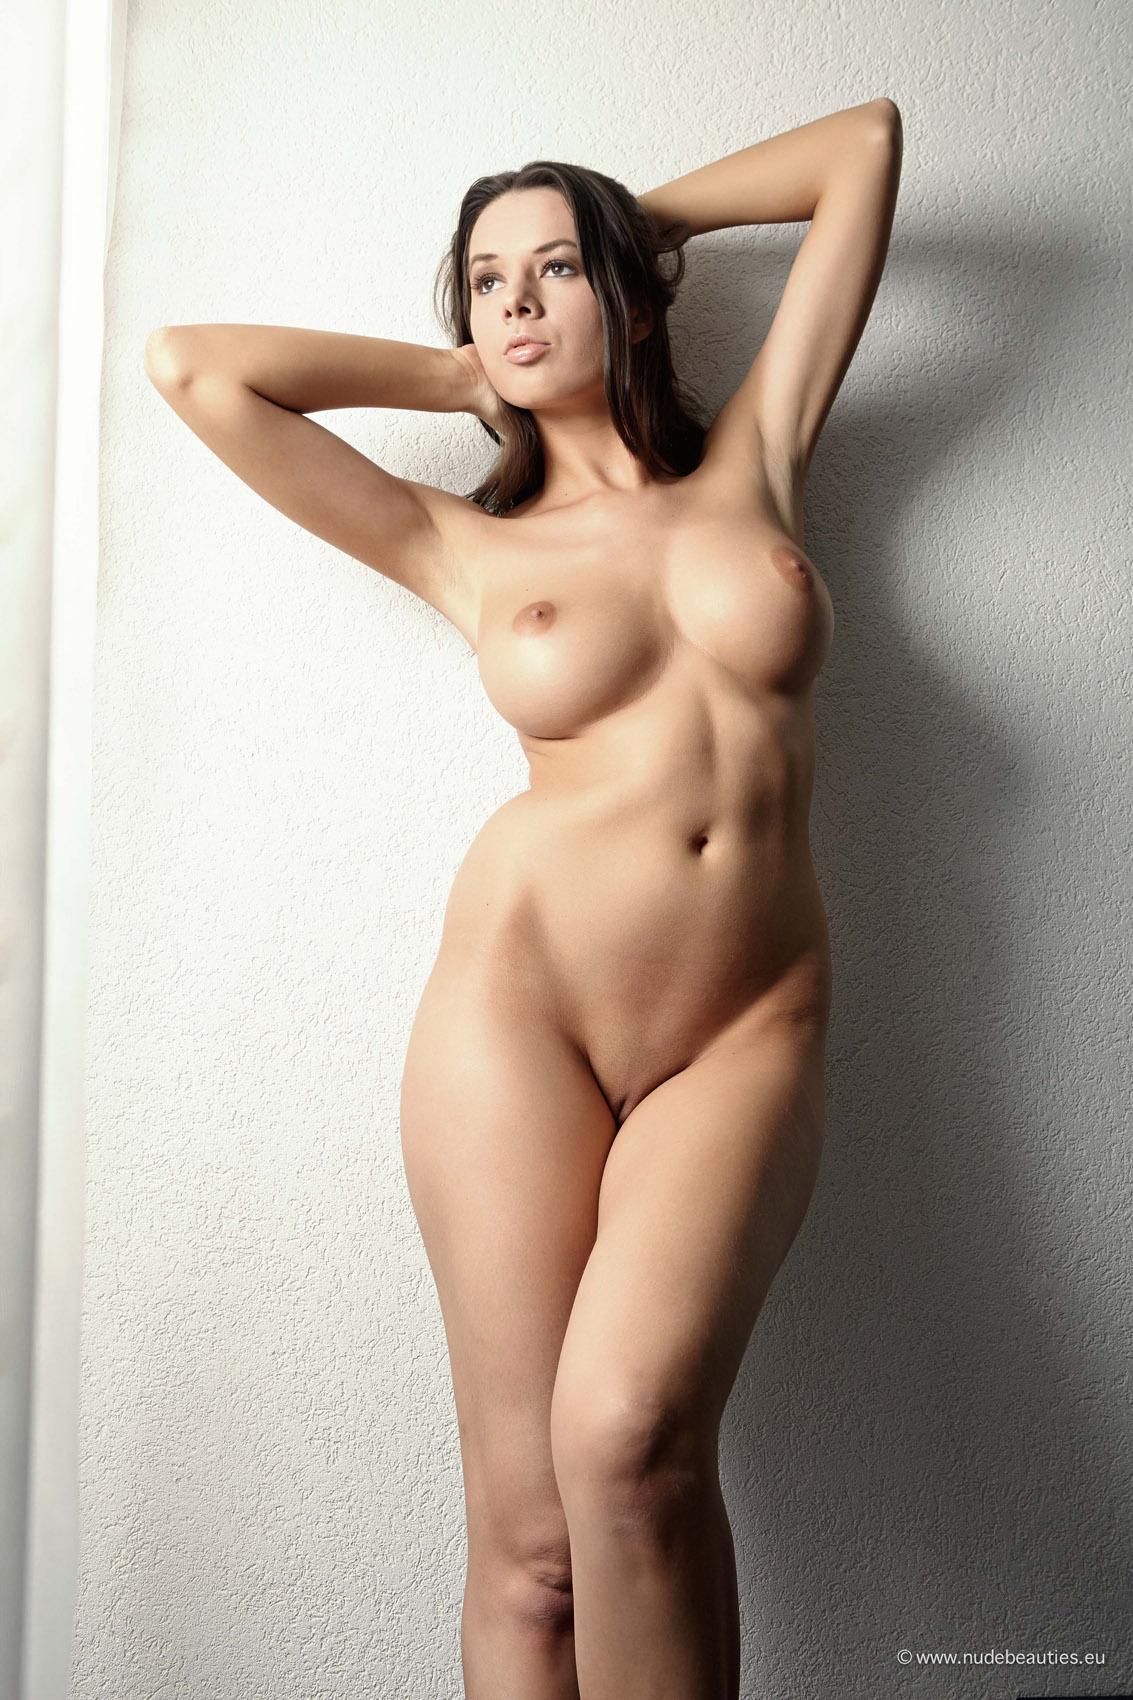 ghana sex photo nude with porn